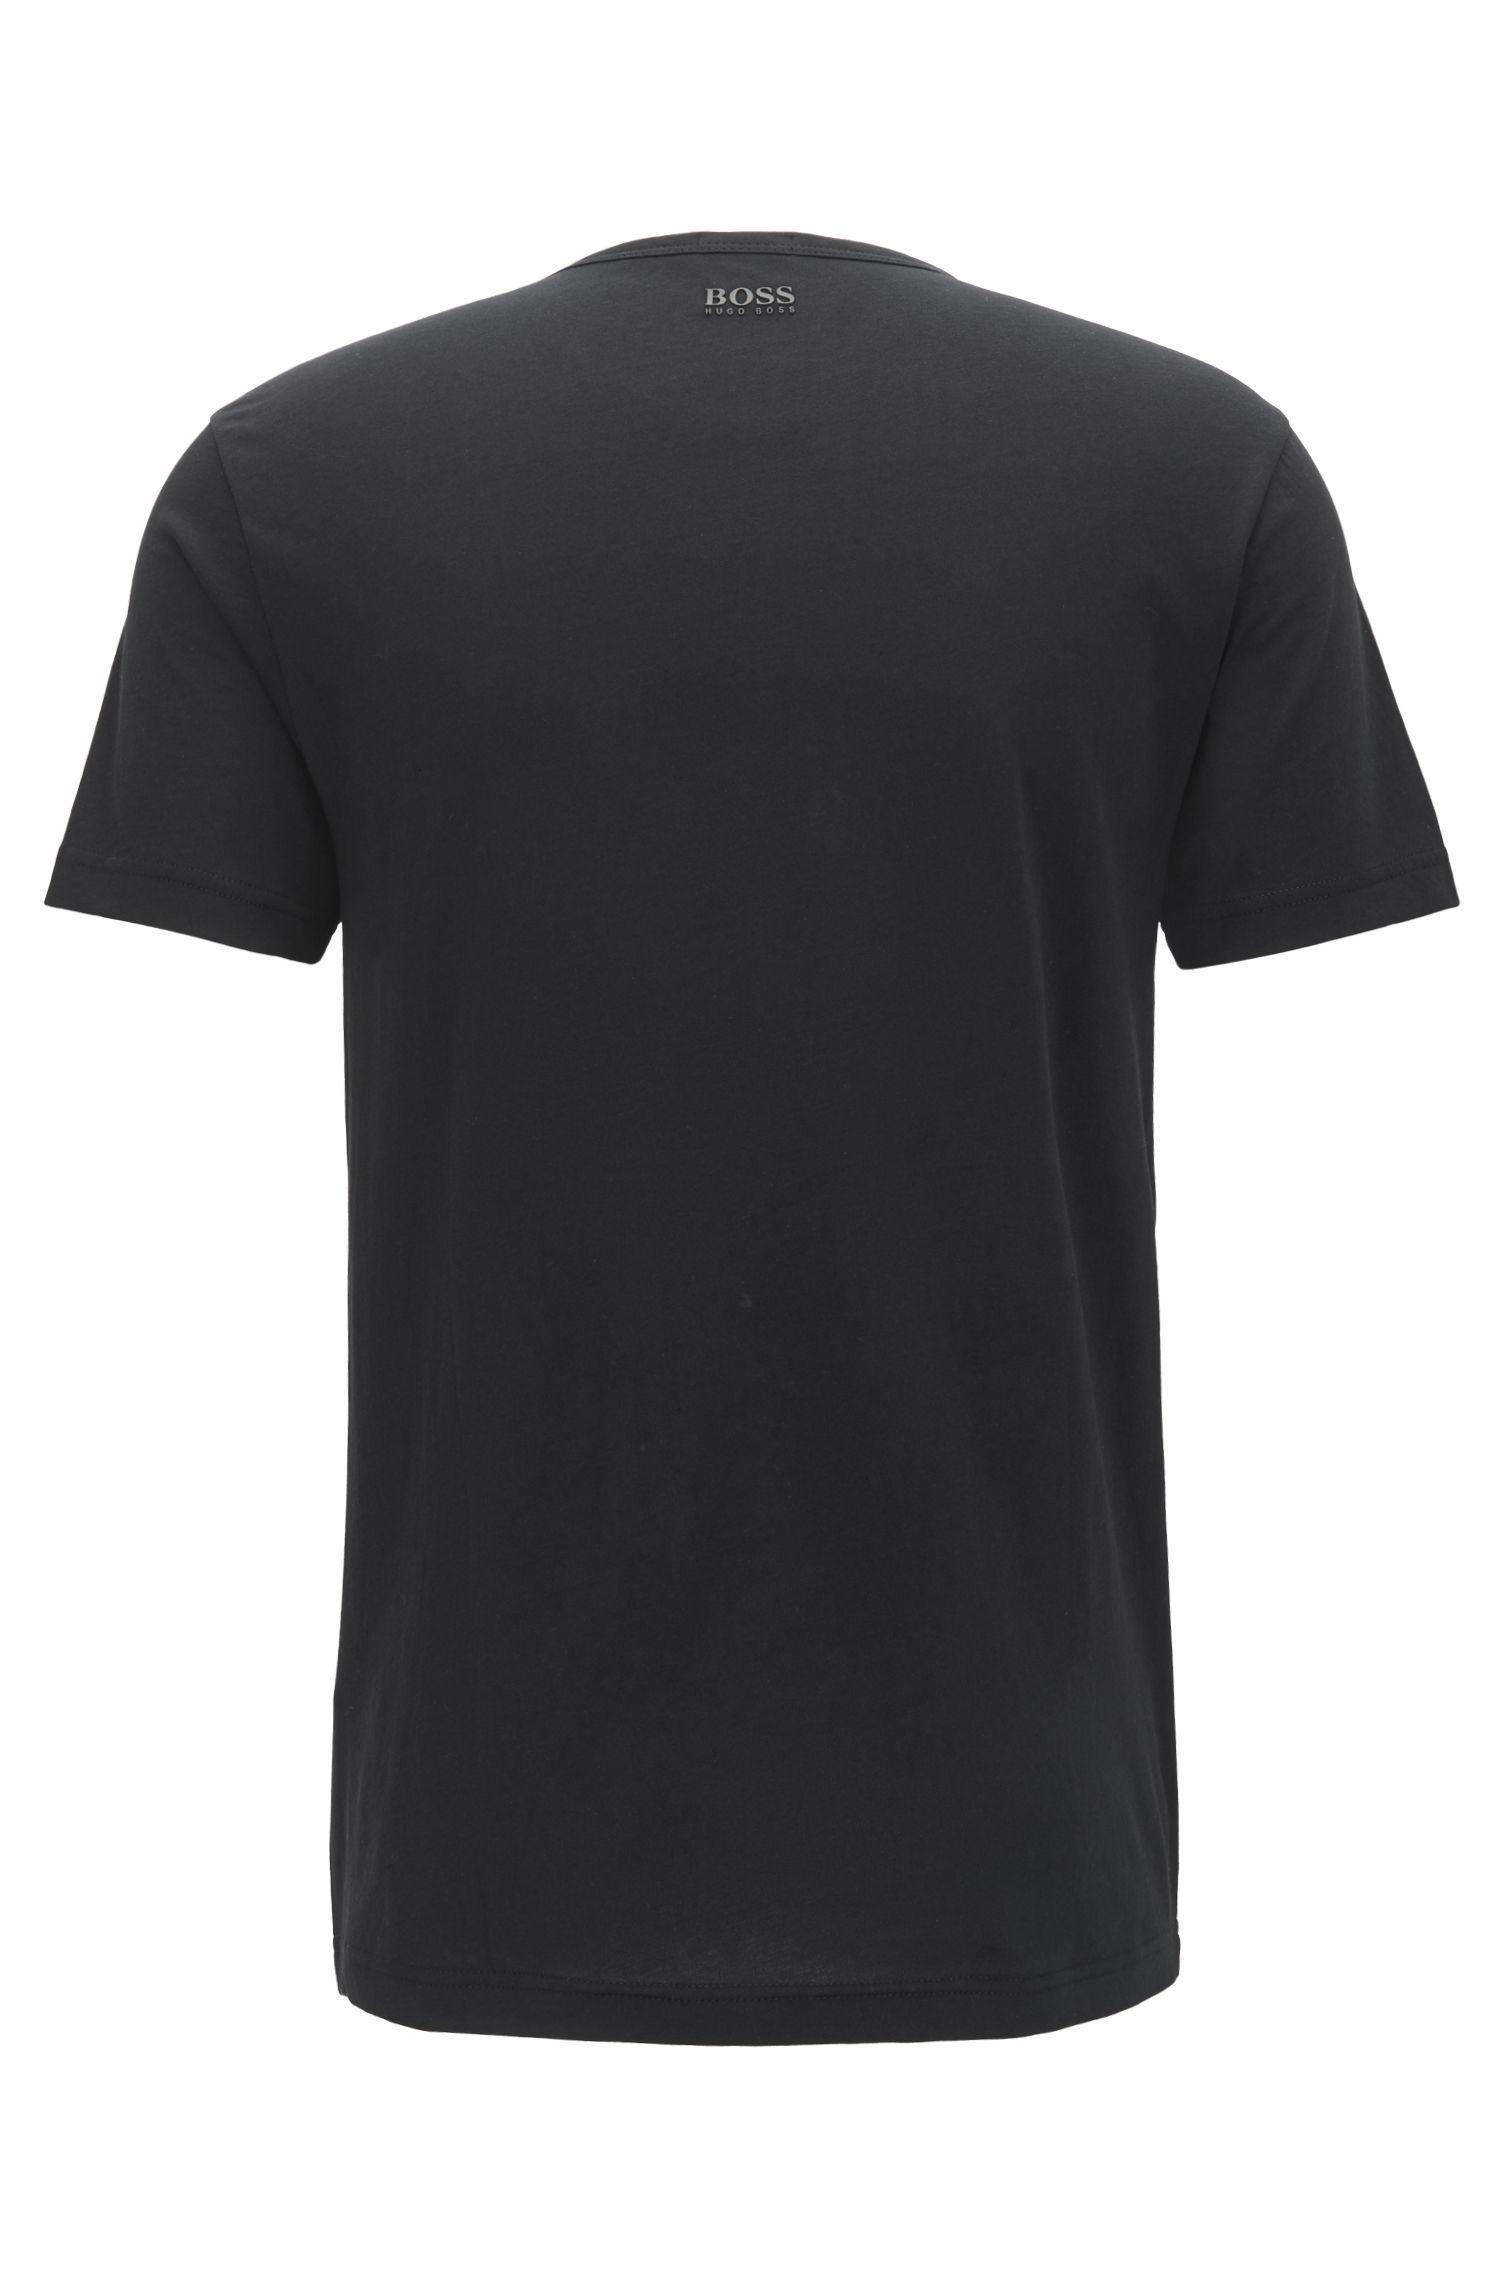 T-Shirt aus Baumwolle mit 3D-Logo, Schwarz